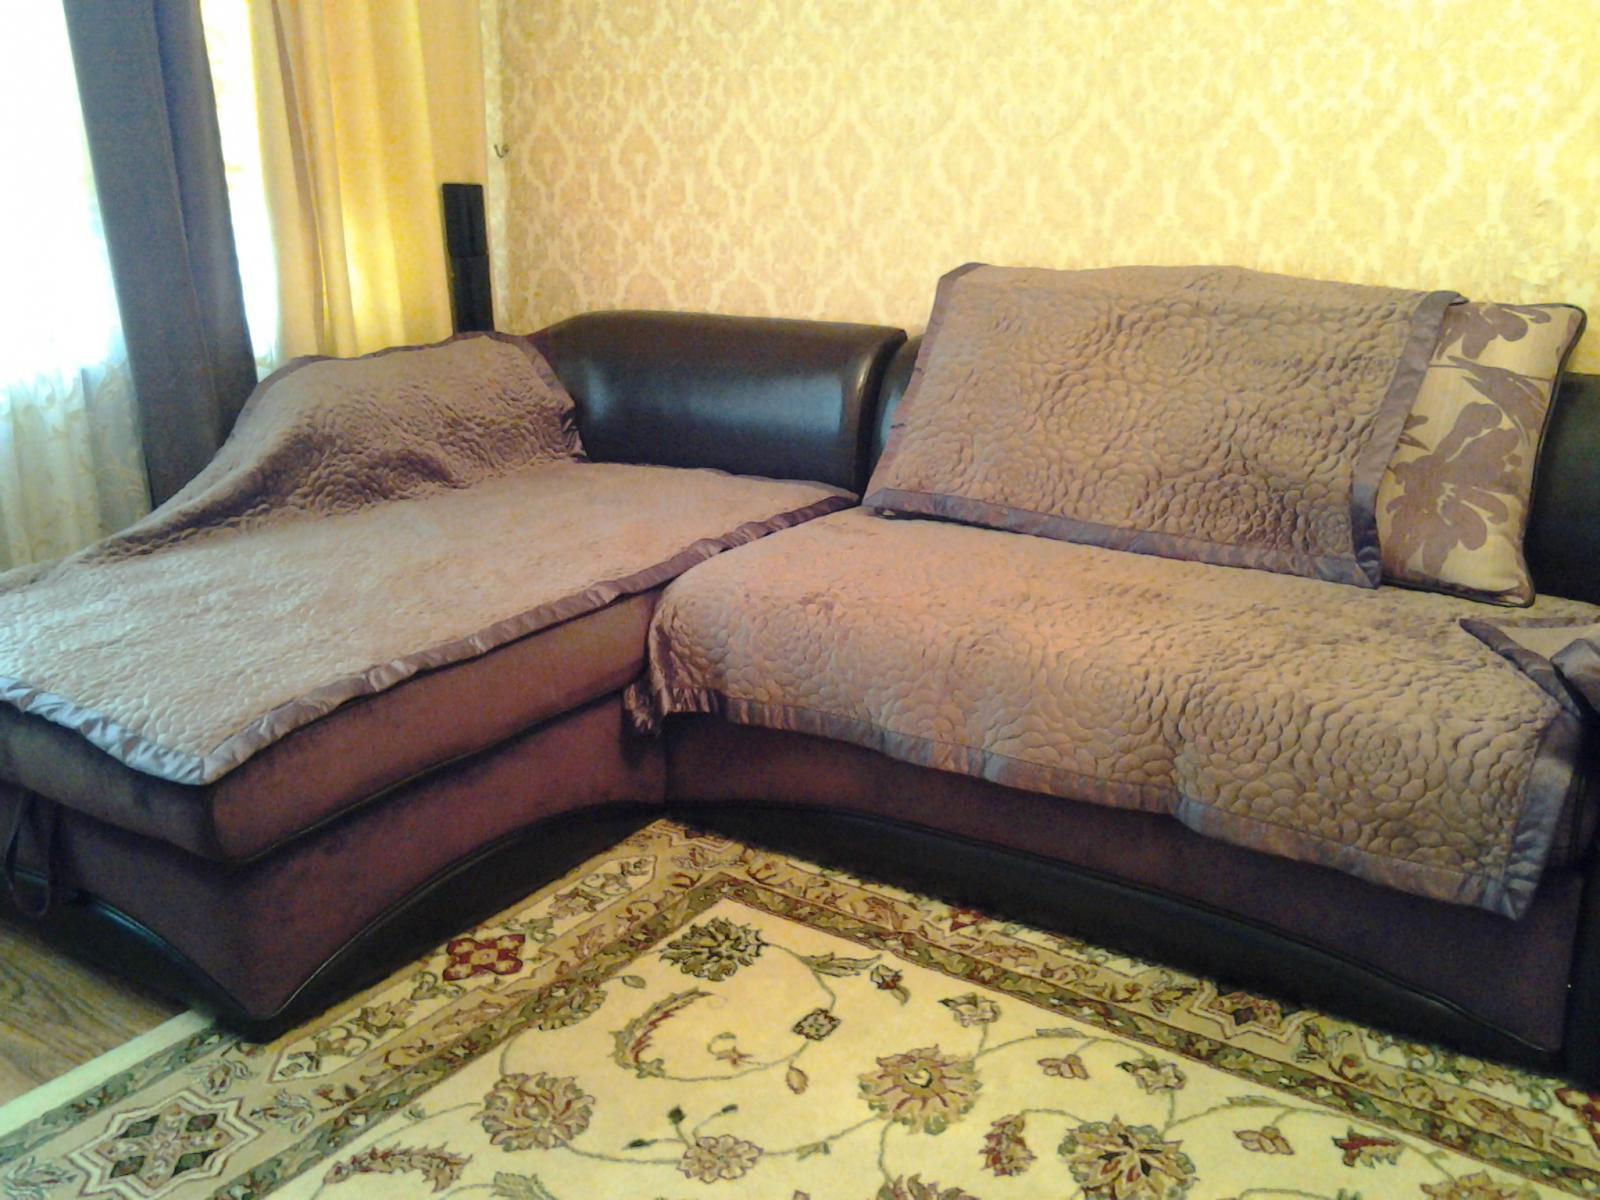 Как пошить покрывало на угловой диван своими руками видео